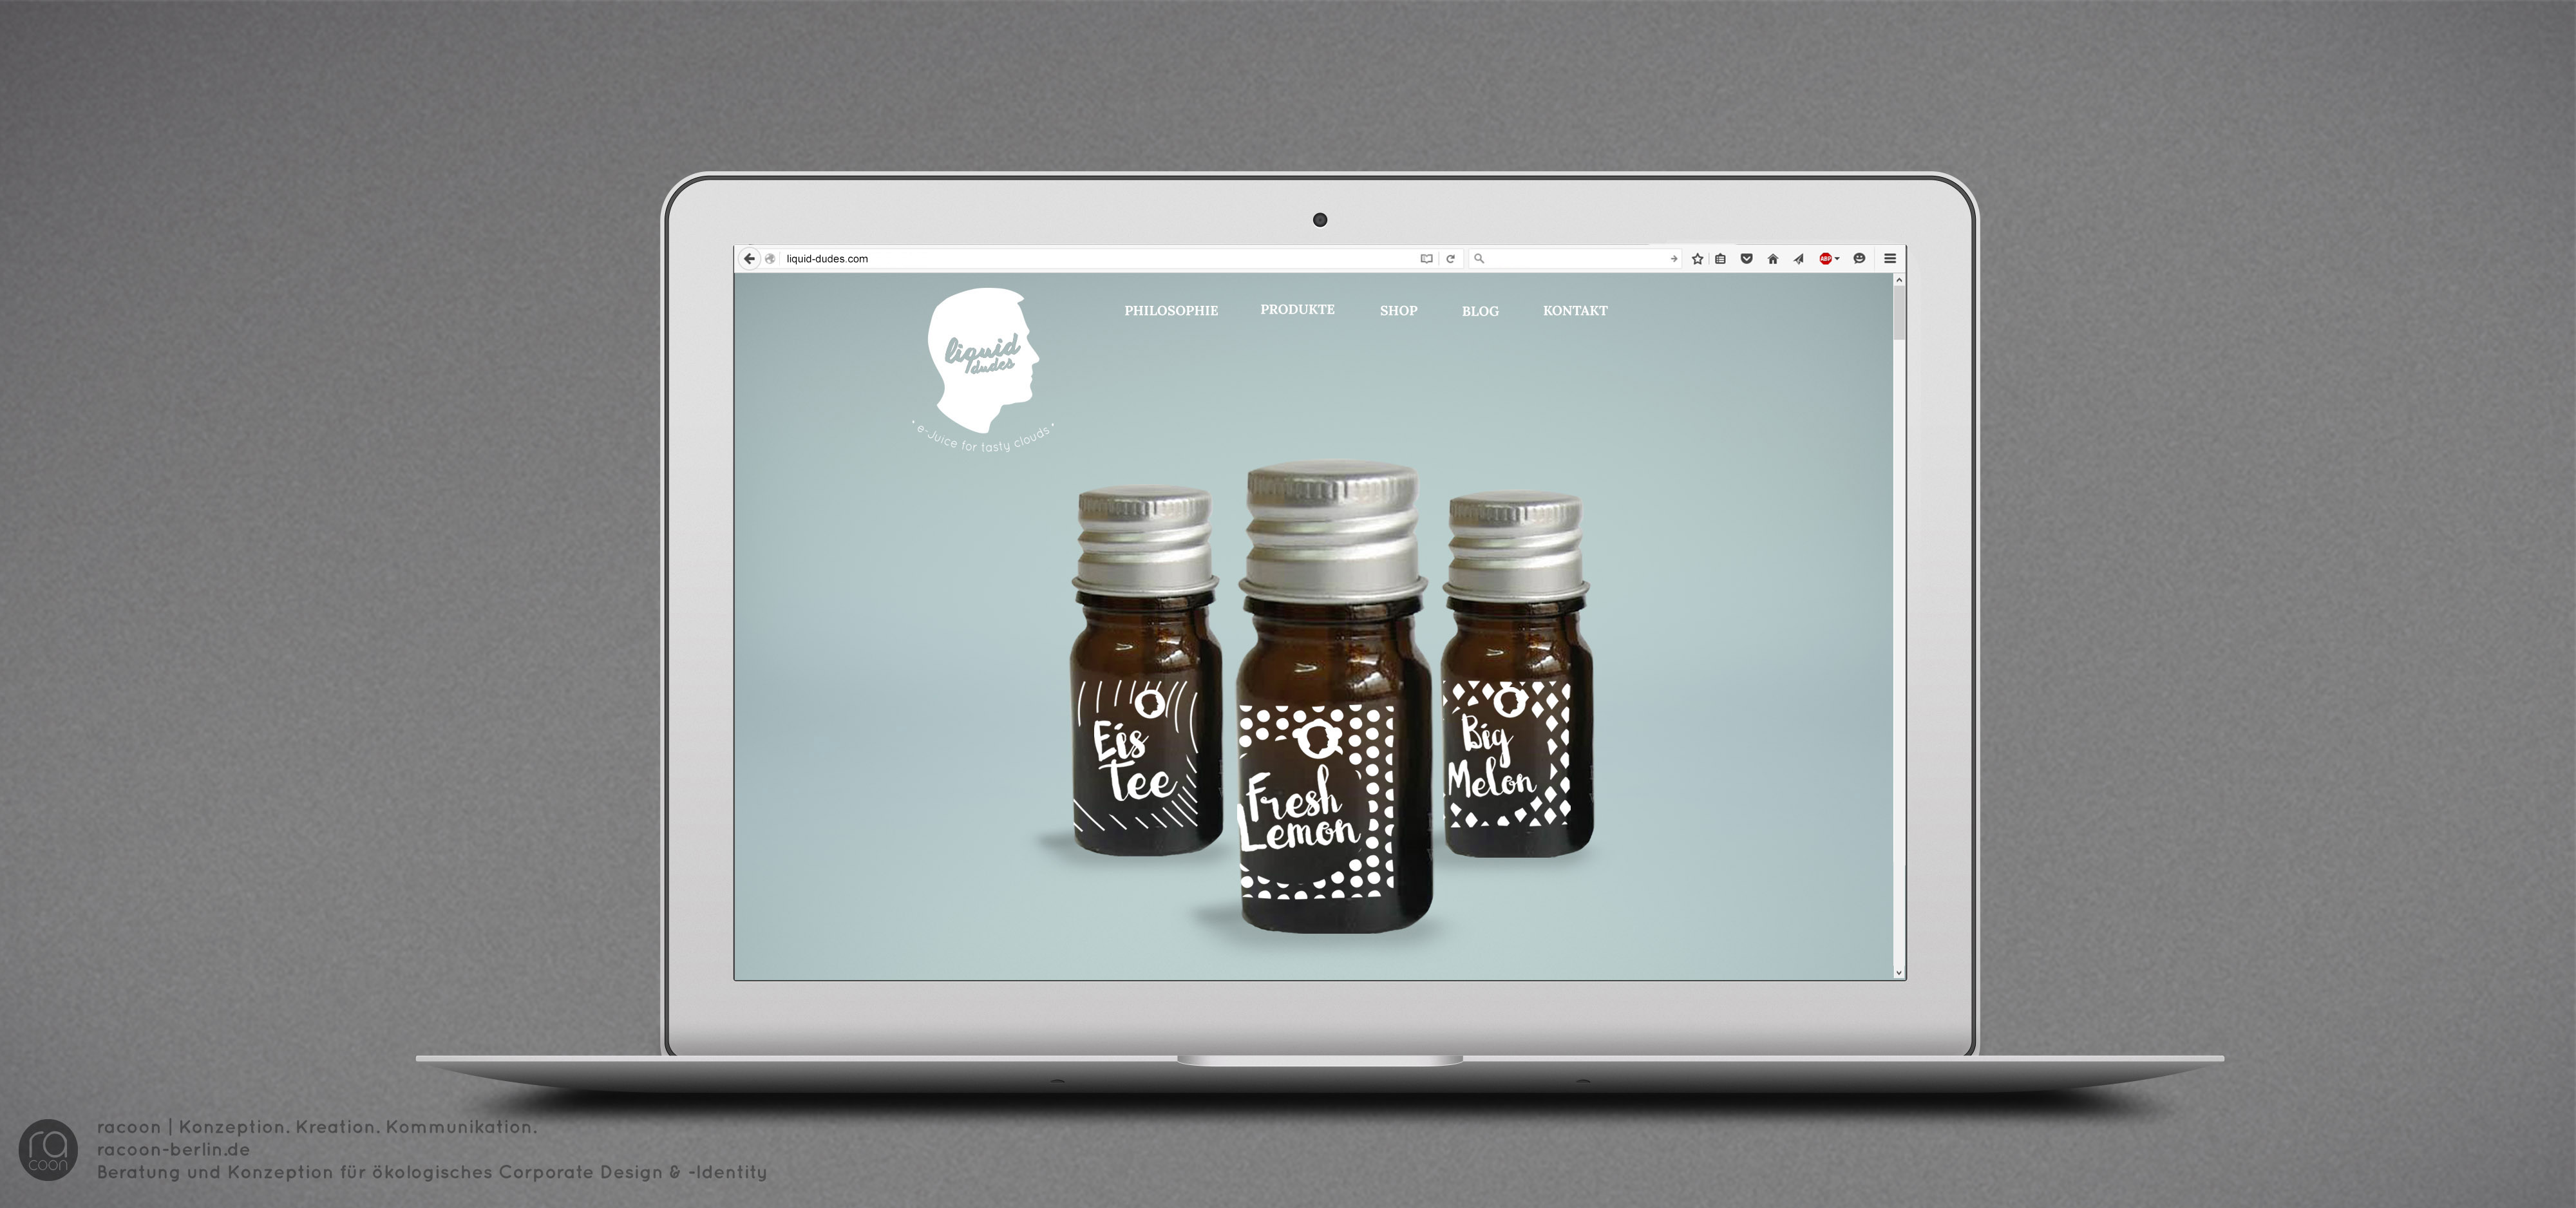 racoon | Konzeption. Kreation. Kommunikation. entwickelt ökologische Erscheinungsbilder, Corporate Identity &- Design